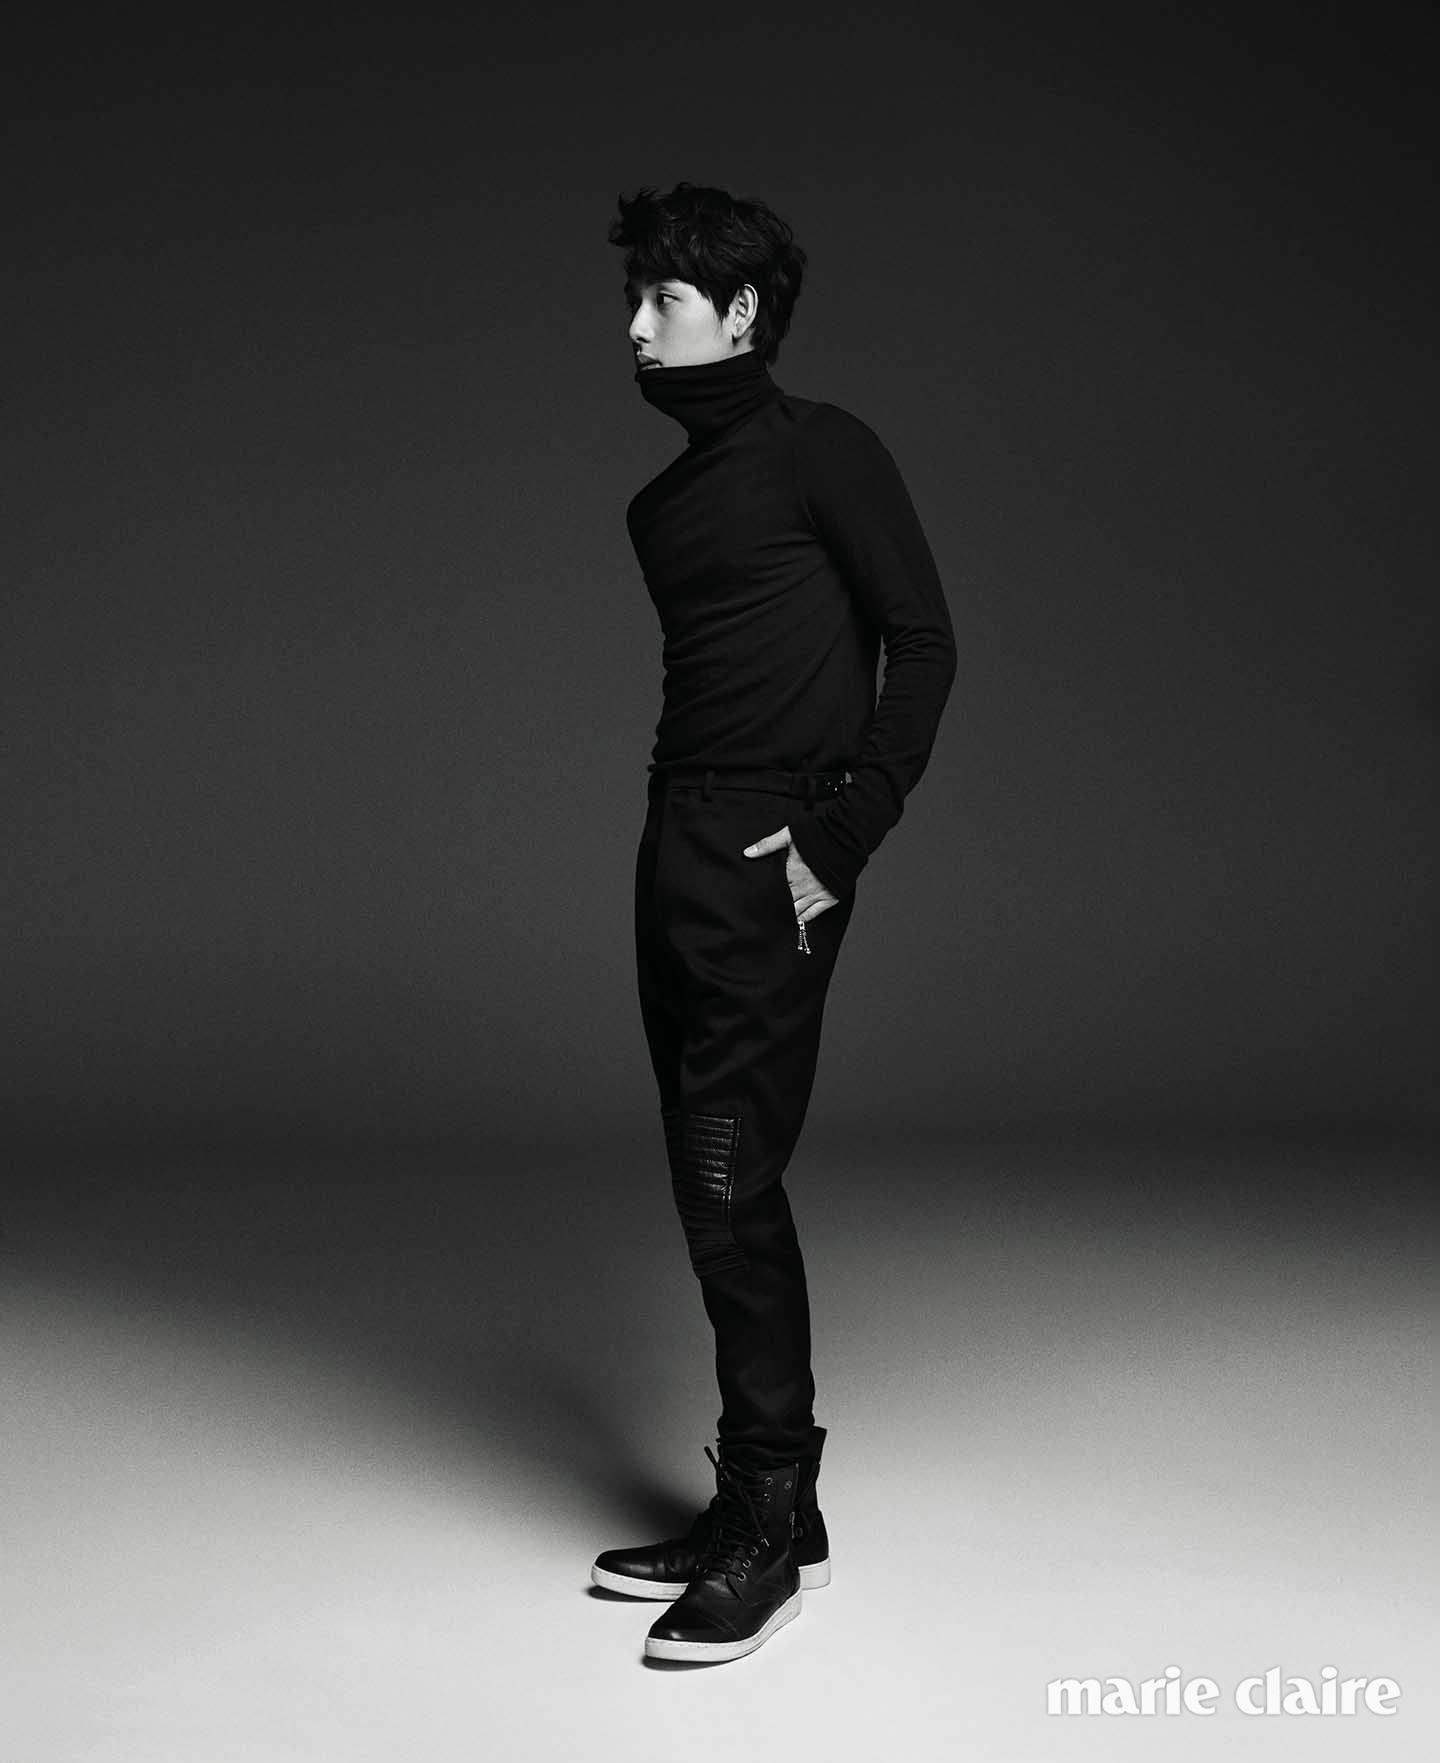 블랙 레더 패치 팬츠 씨와이 초이 바이 커드(Cy Choi by Kud), 블랙 터틀넥 풀오버, 슈즈 모두 스타일리스트 소장품.